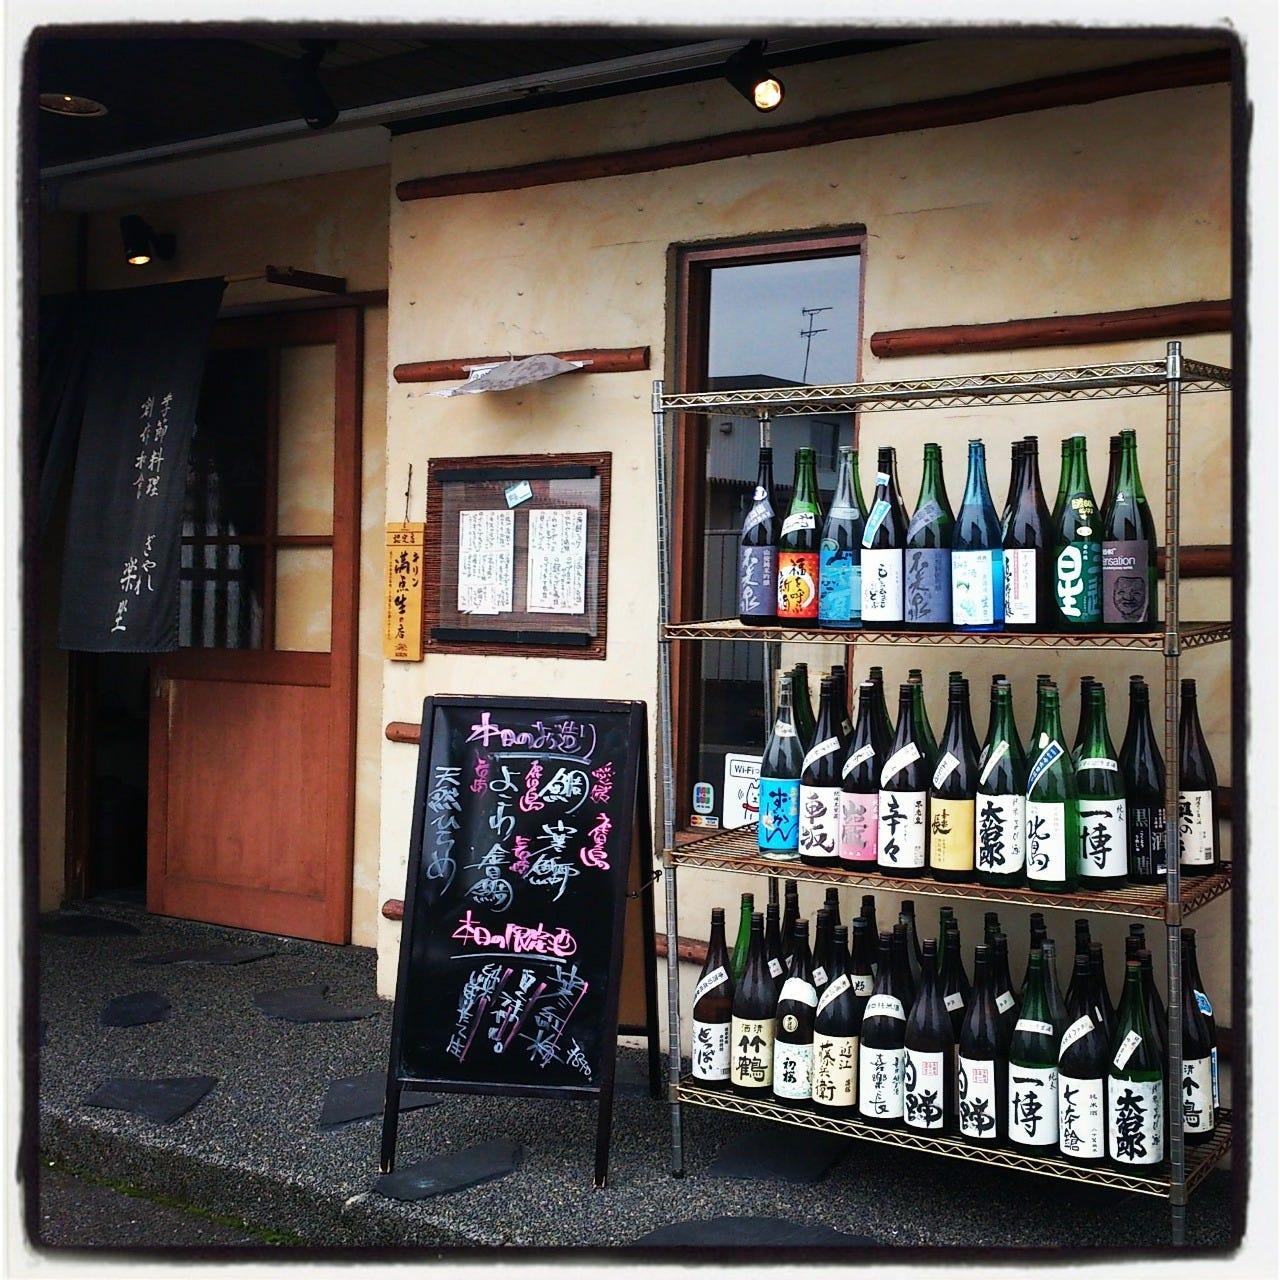 瀬田駅前です。午前11時半からお渡し可能です!